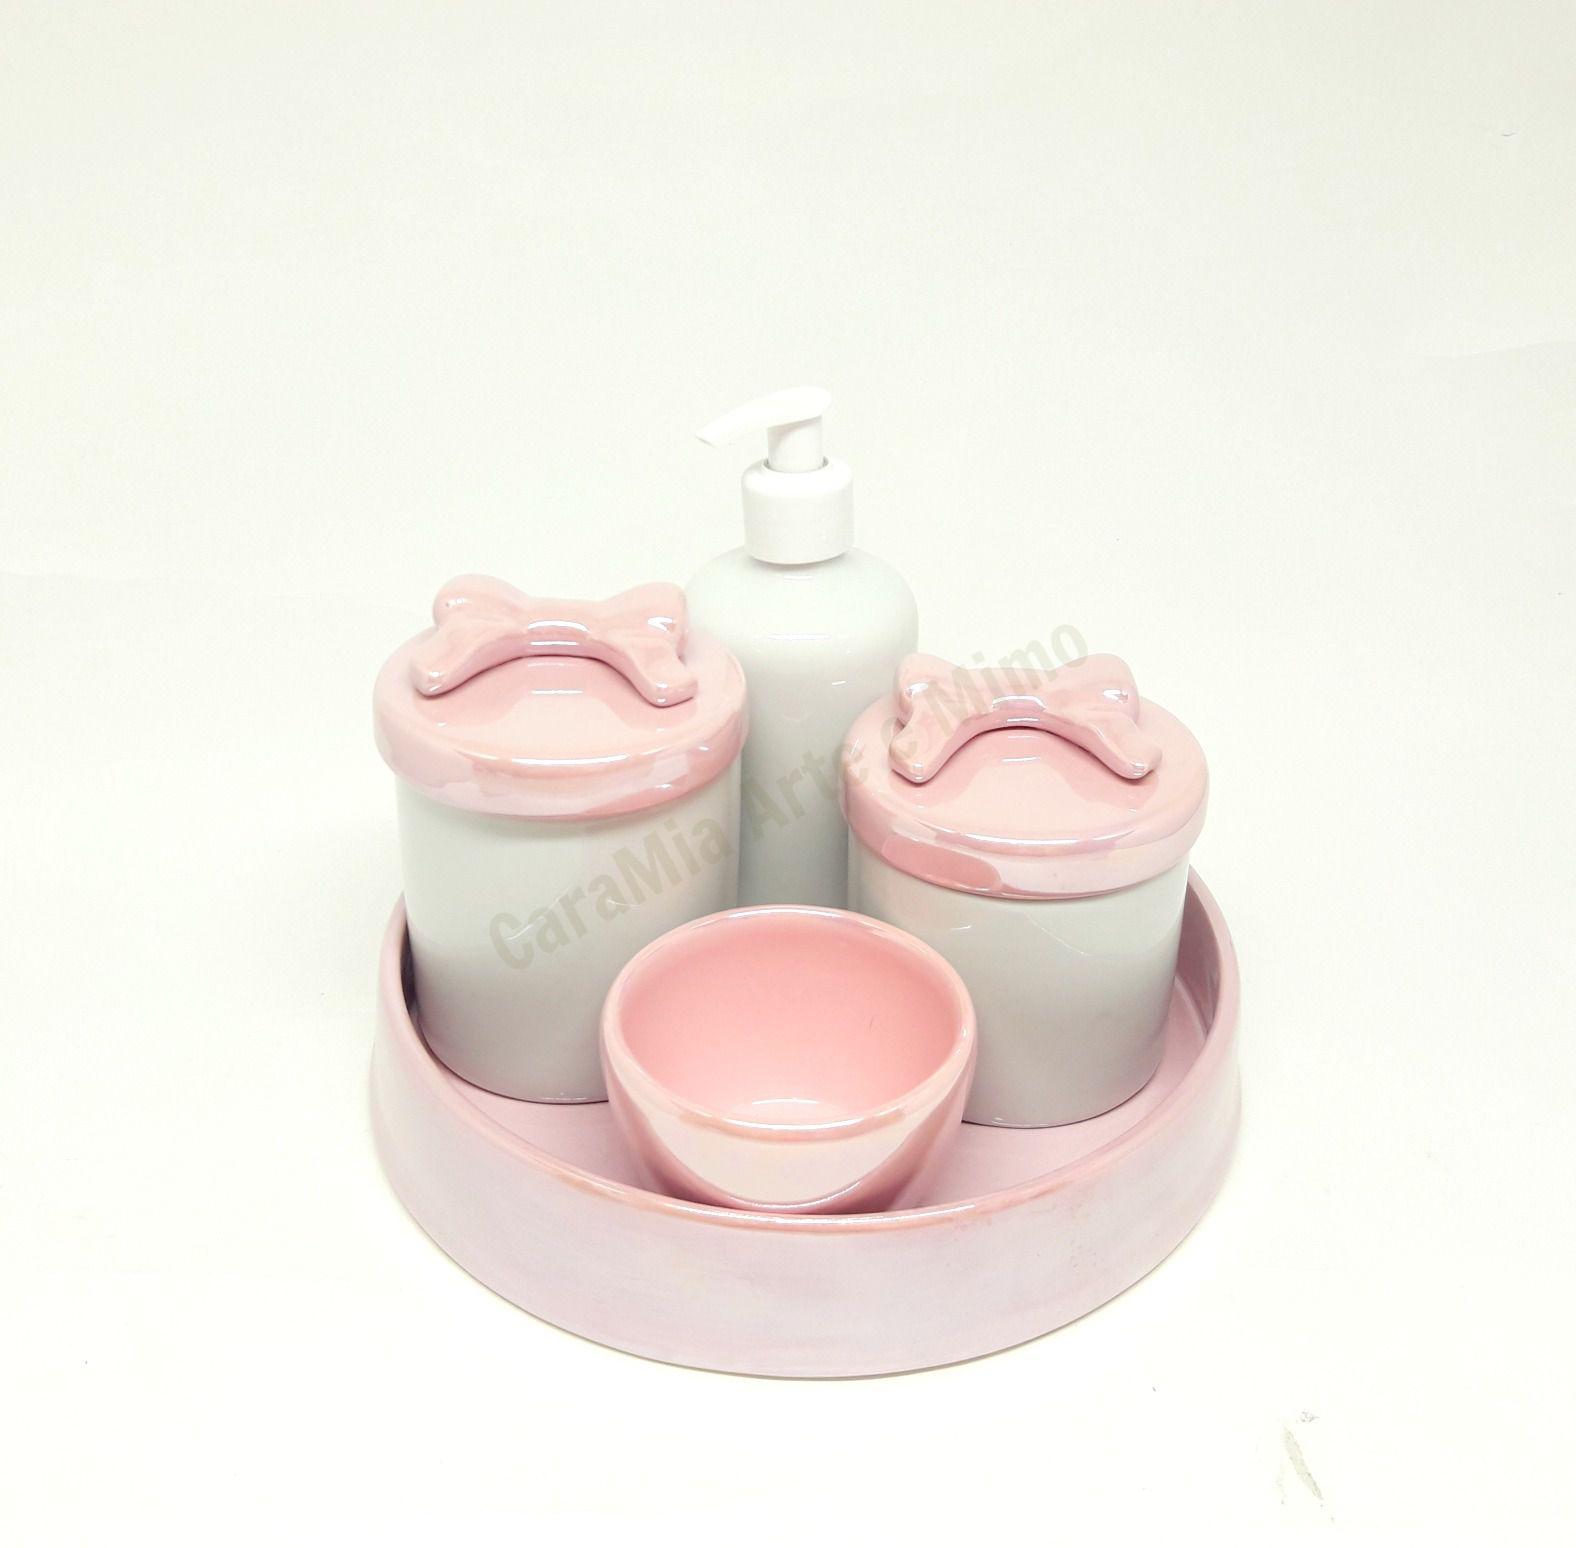 Kit Higiene Bebê Porcelana | Laço Rosa Perolizado| 4 peças